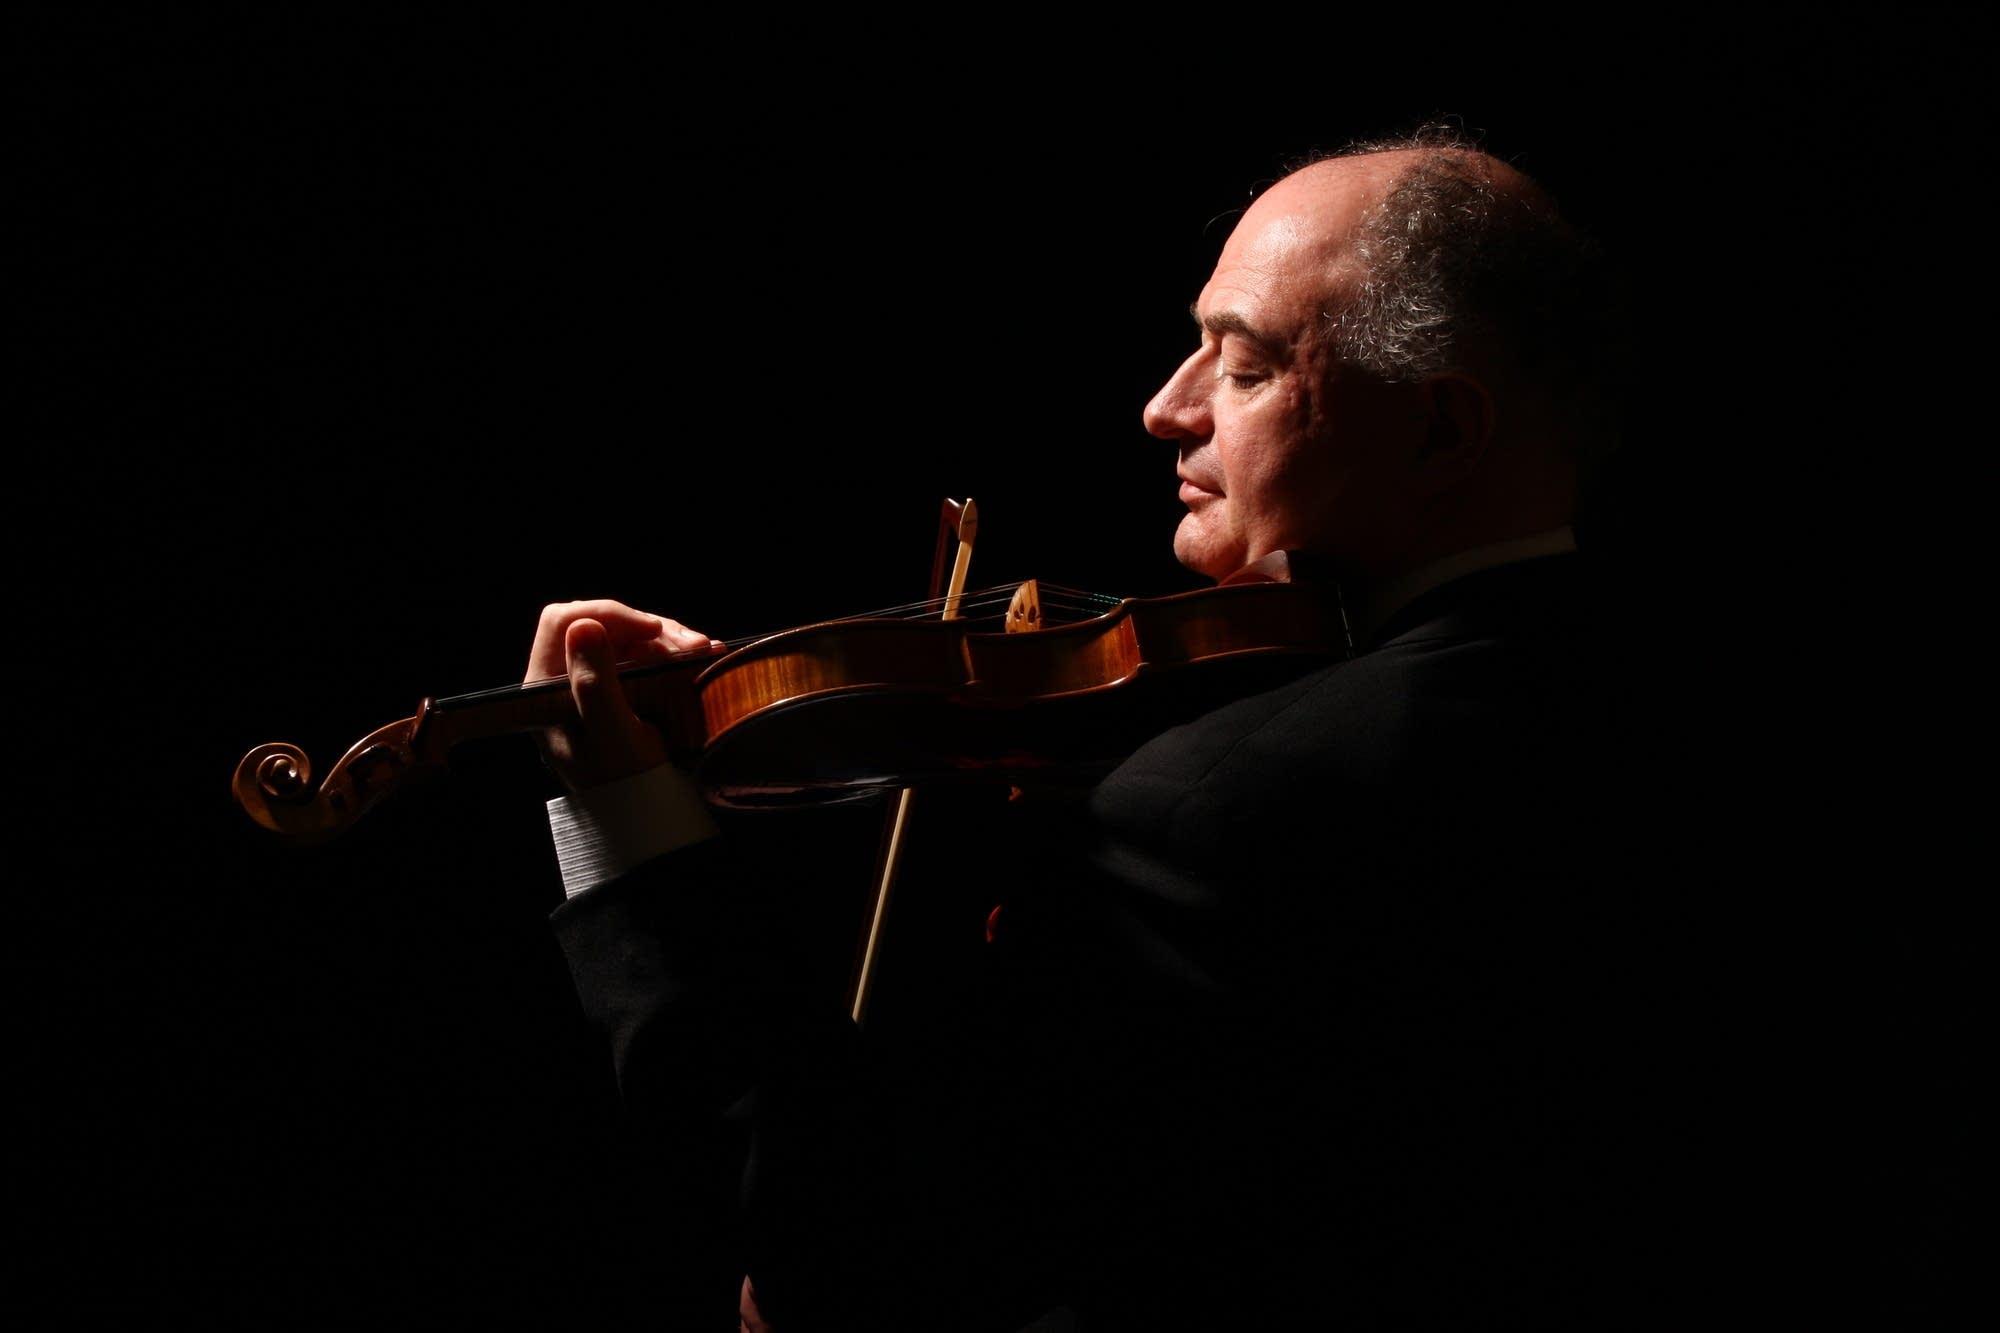 Violinst Ilya Kaler